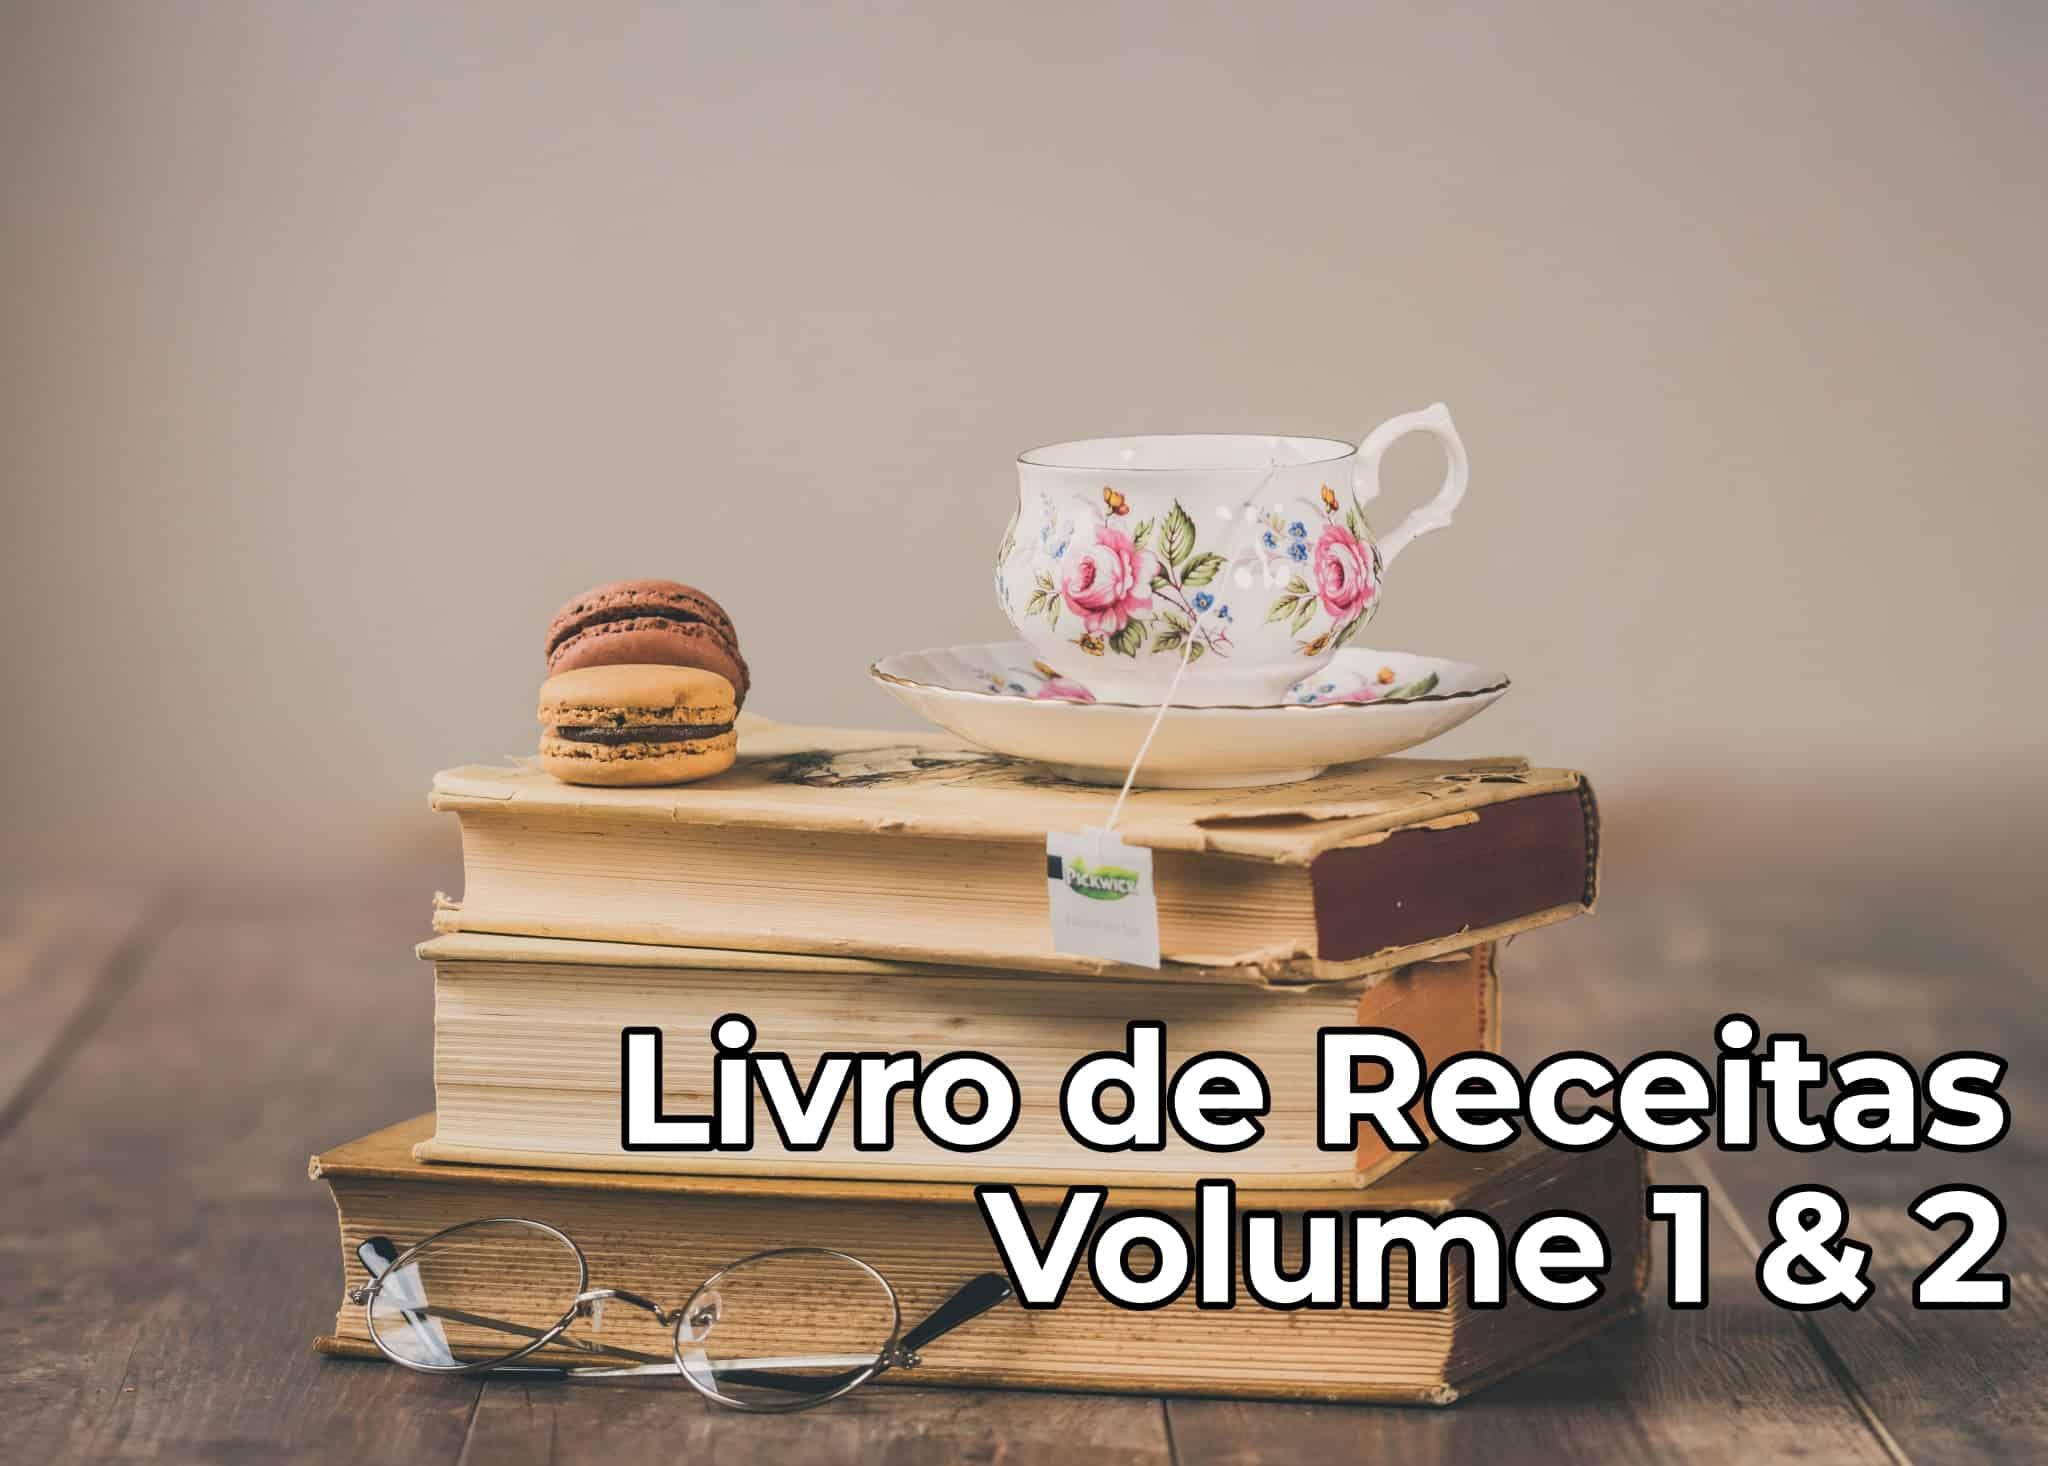 Livro-de-Receitas-Vol-1-2